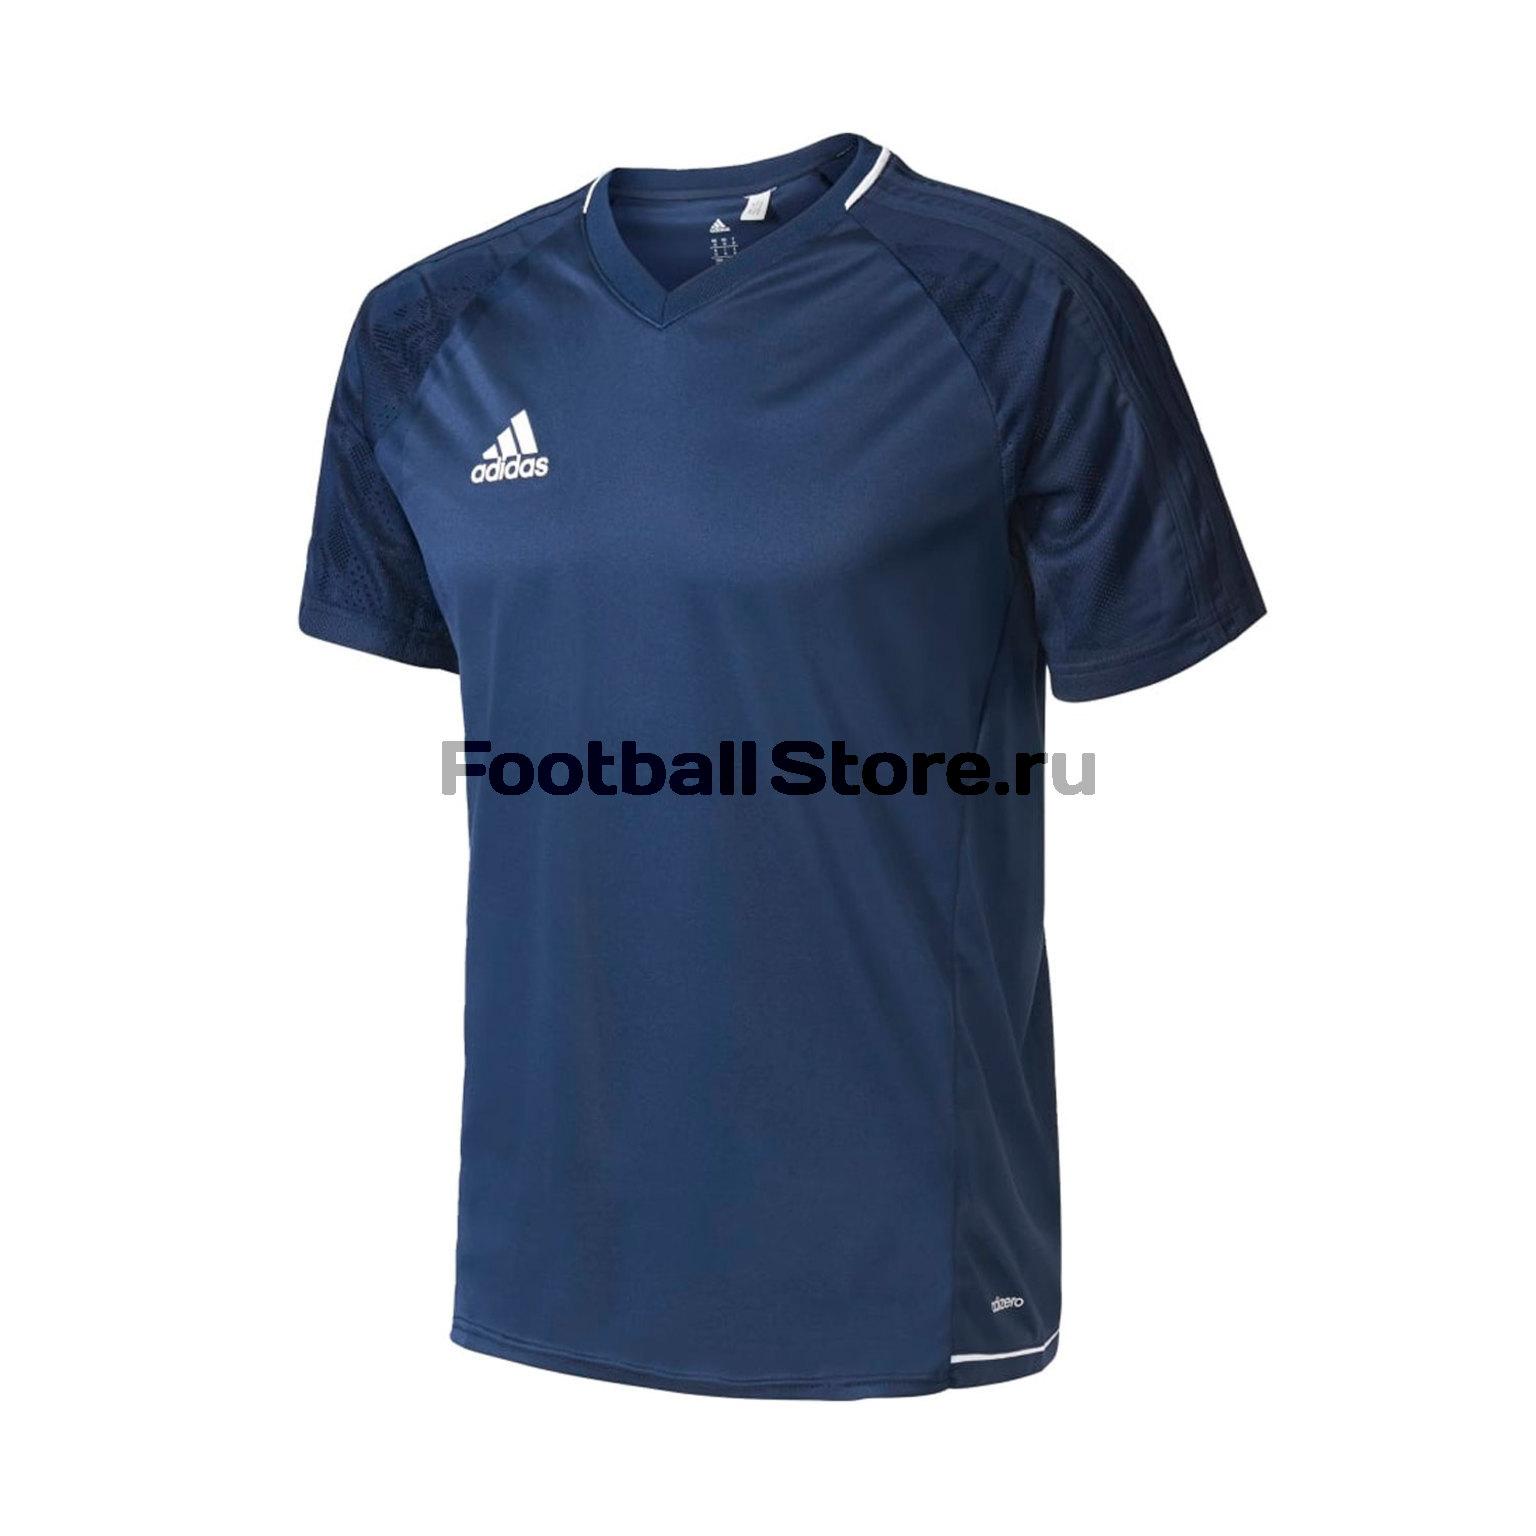 Футболка тренировочная Adidas Tiro17 Trg Jsy BQ2799 футболка тренировочная adidas tiro17 tee ay2964